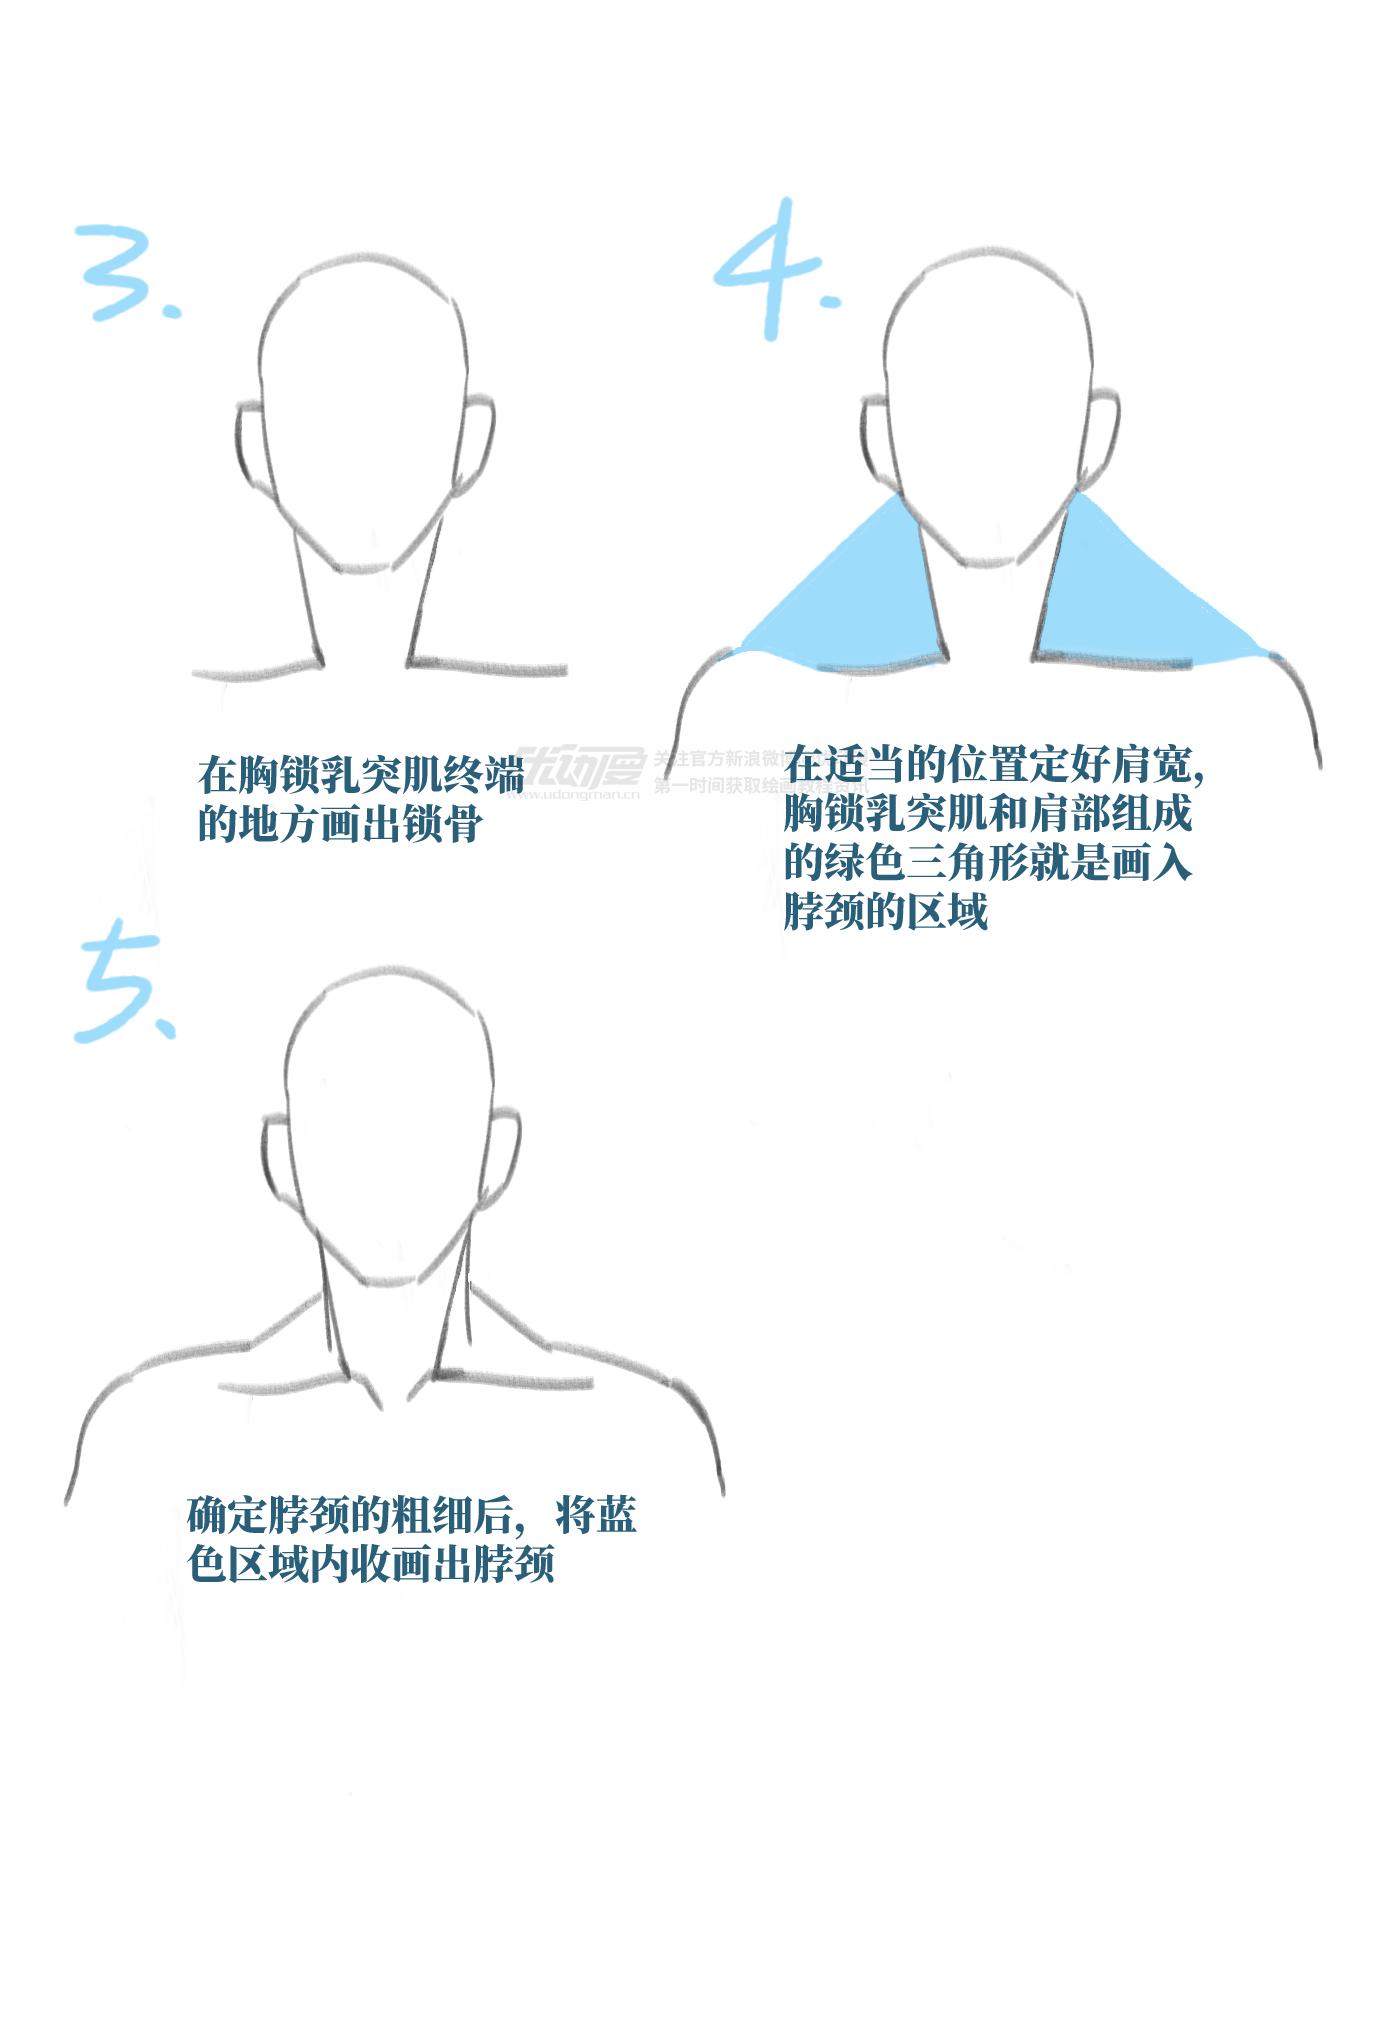 如何画出头颈到肩膀的流畅线条2.png